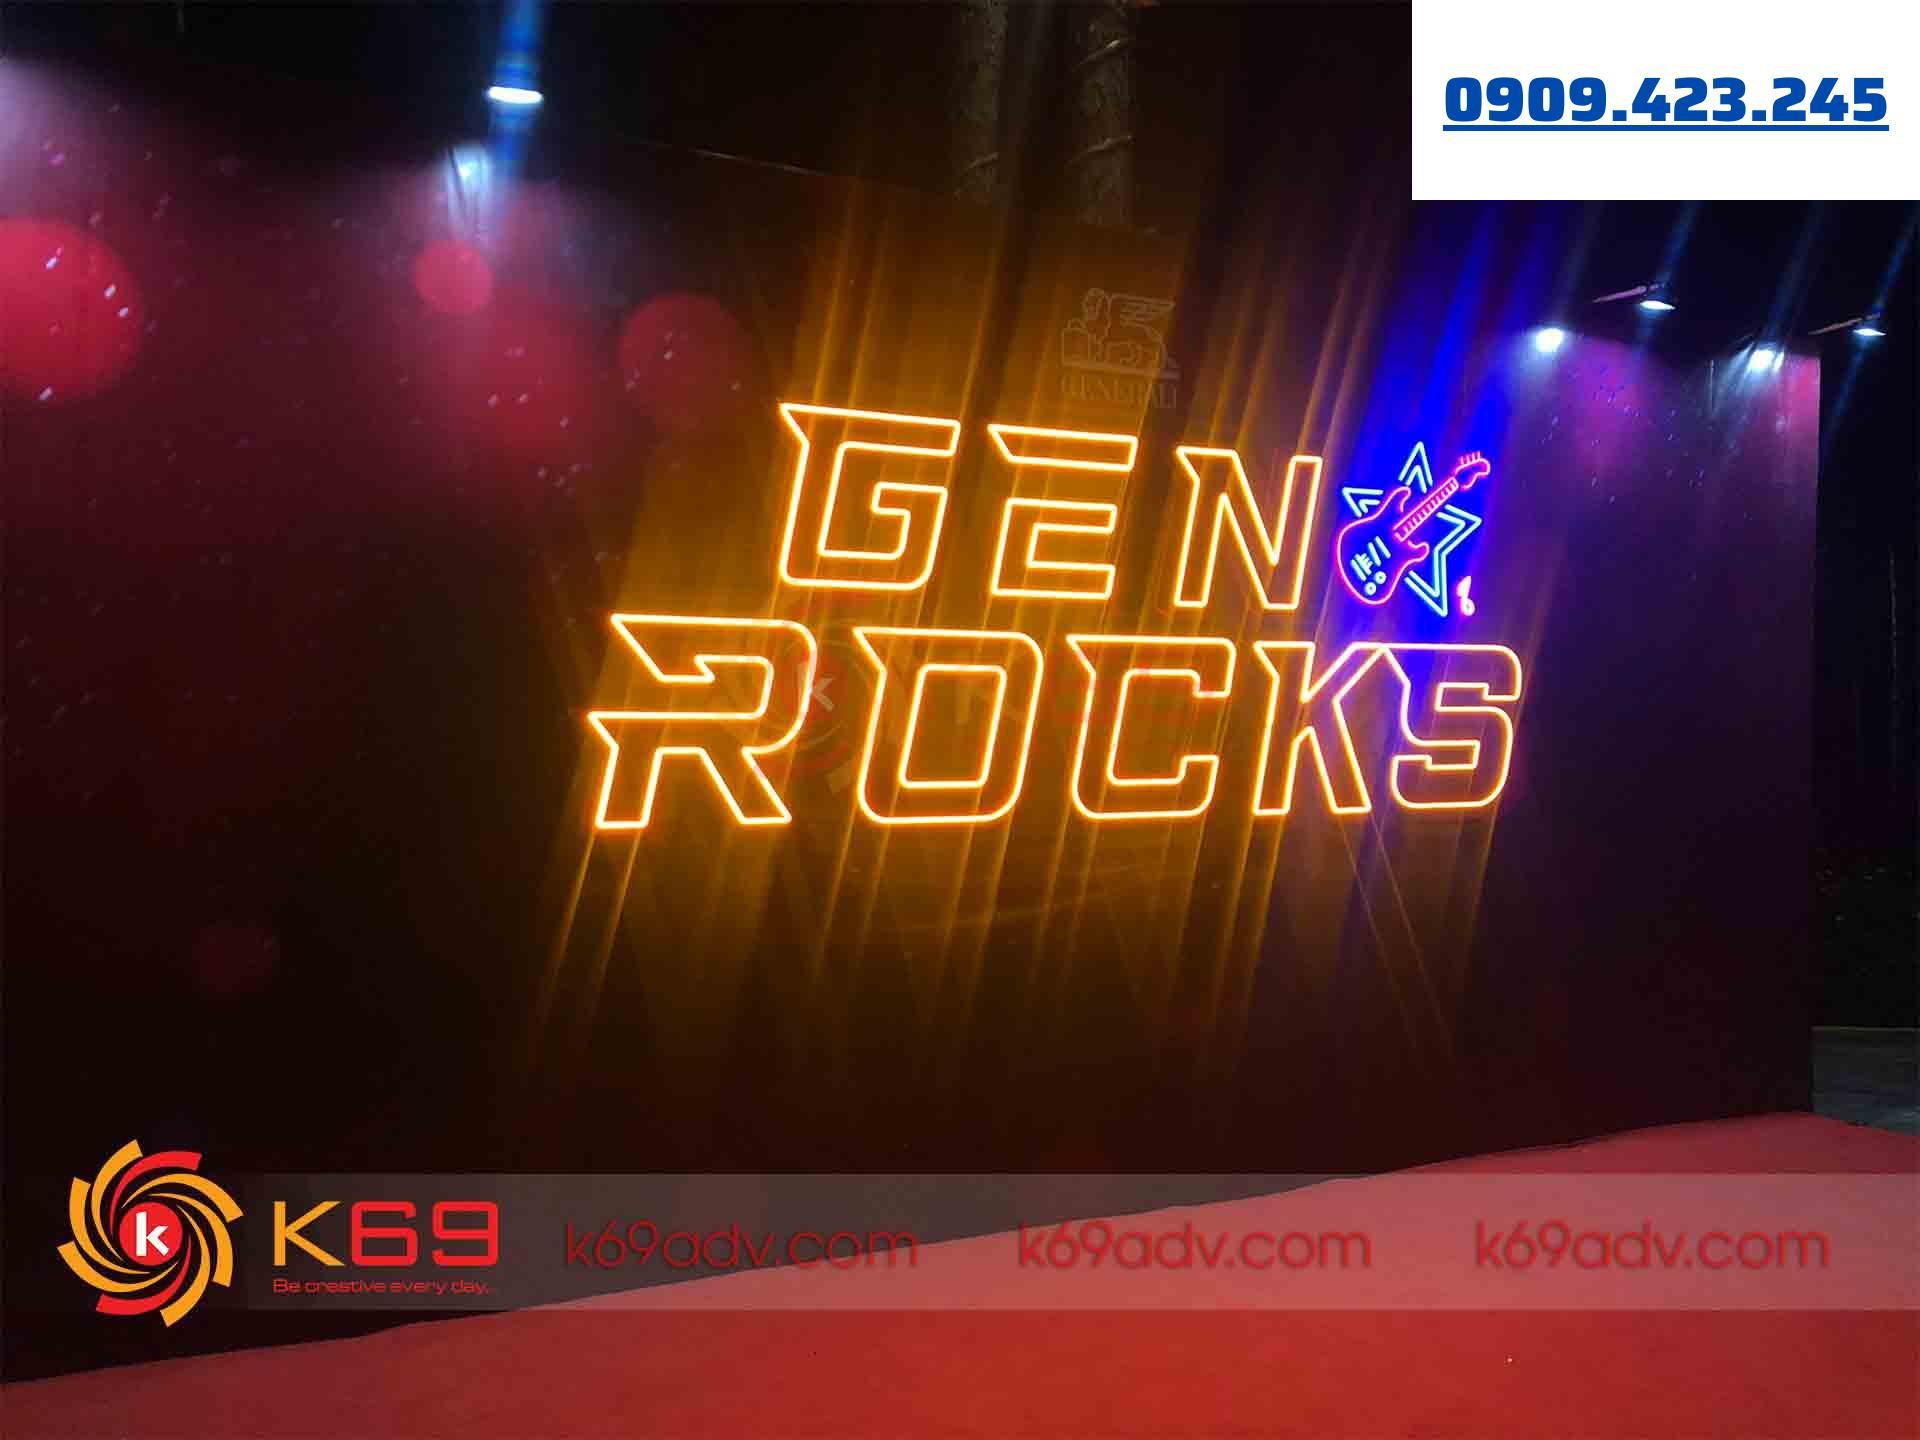 Mẫu bảng hiệu quảng cáo Neon Sign quận 12 thi công bởi K69ADV